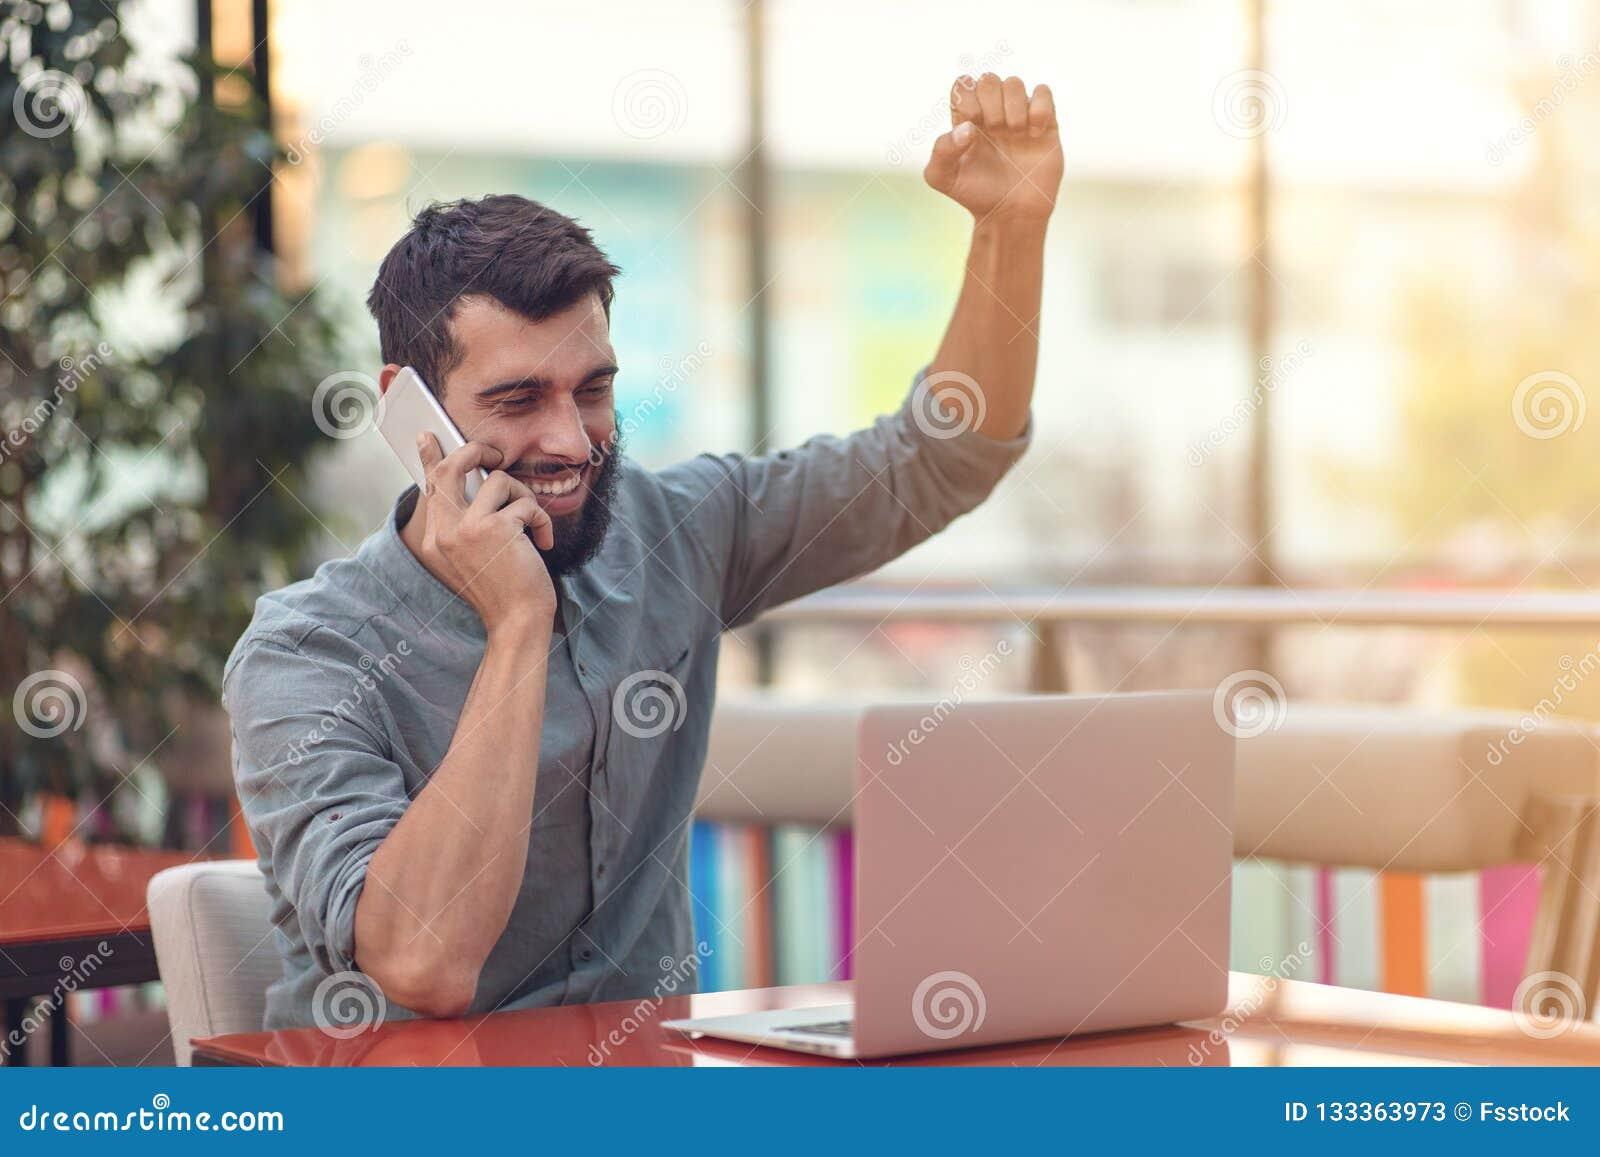 Συγκινημένο ευτυχές γενειοφόρο ηλεκτρονικό ταχυδρομείο ανάγνωσης freelancer με τα αποτελέσματα για τη νίκη στη σύγχρονη σε απευθε